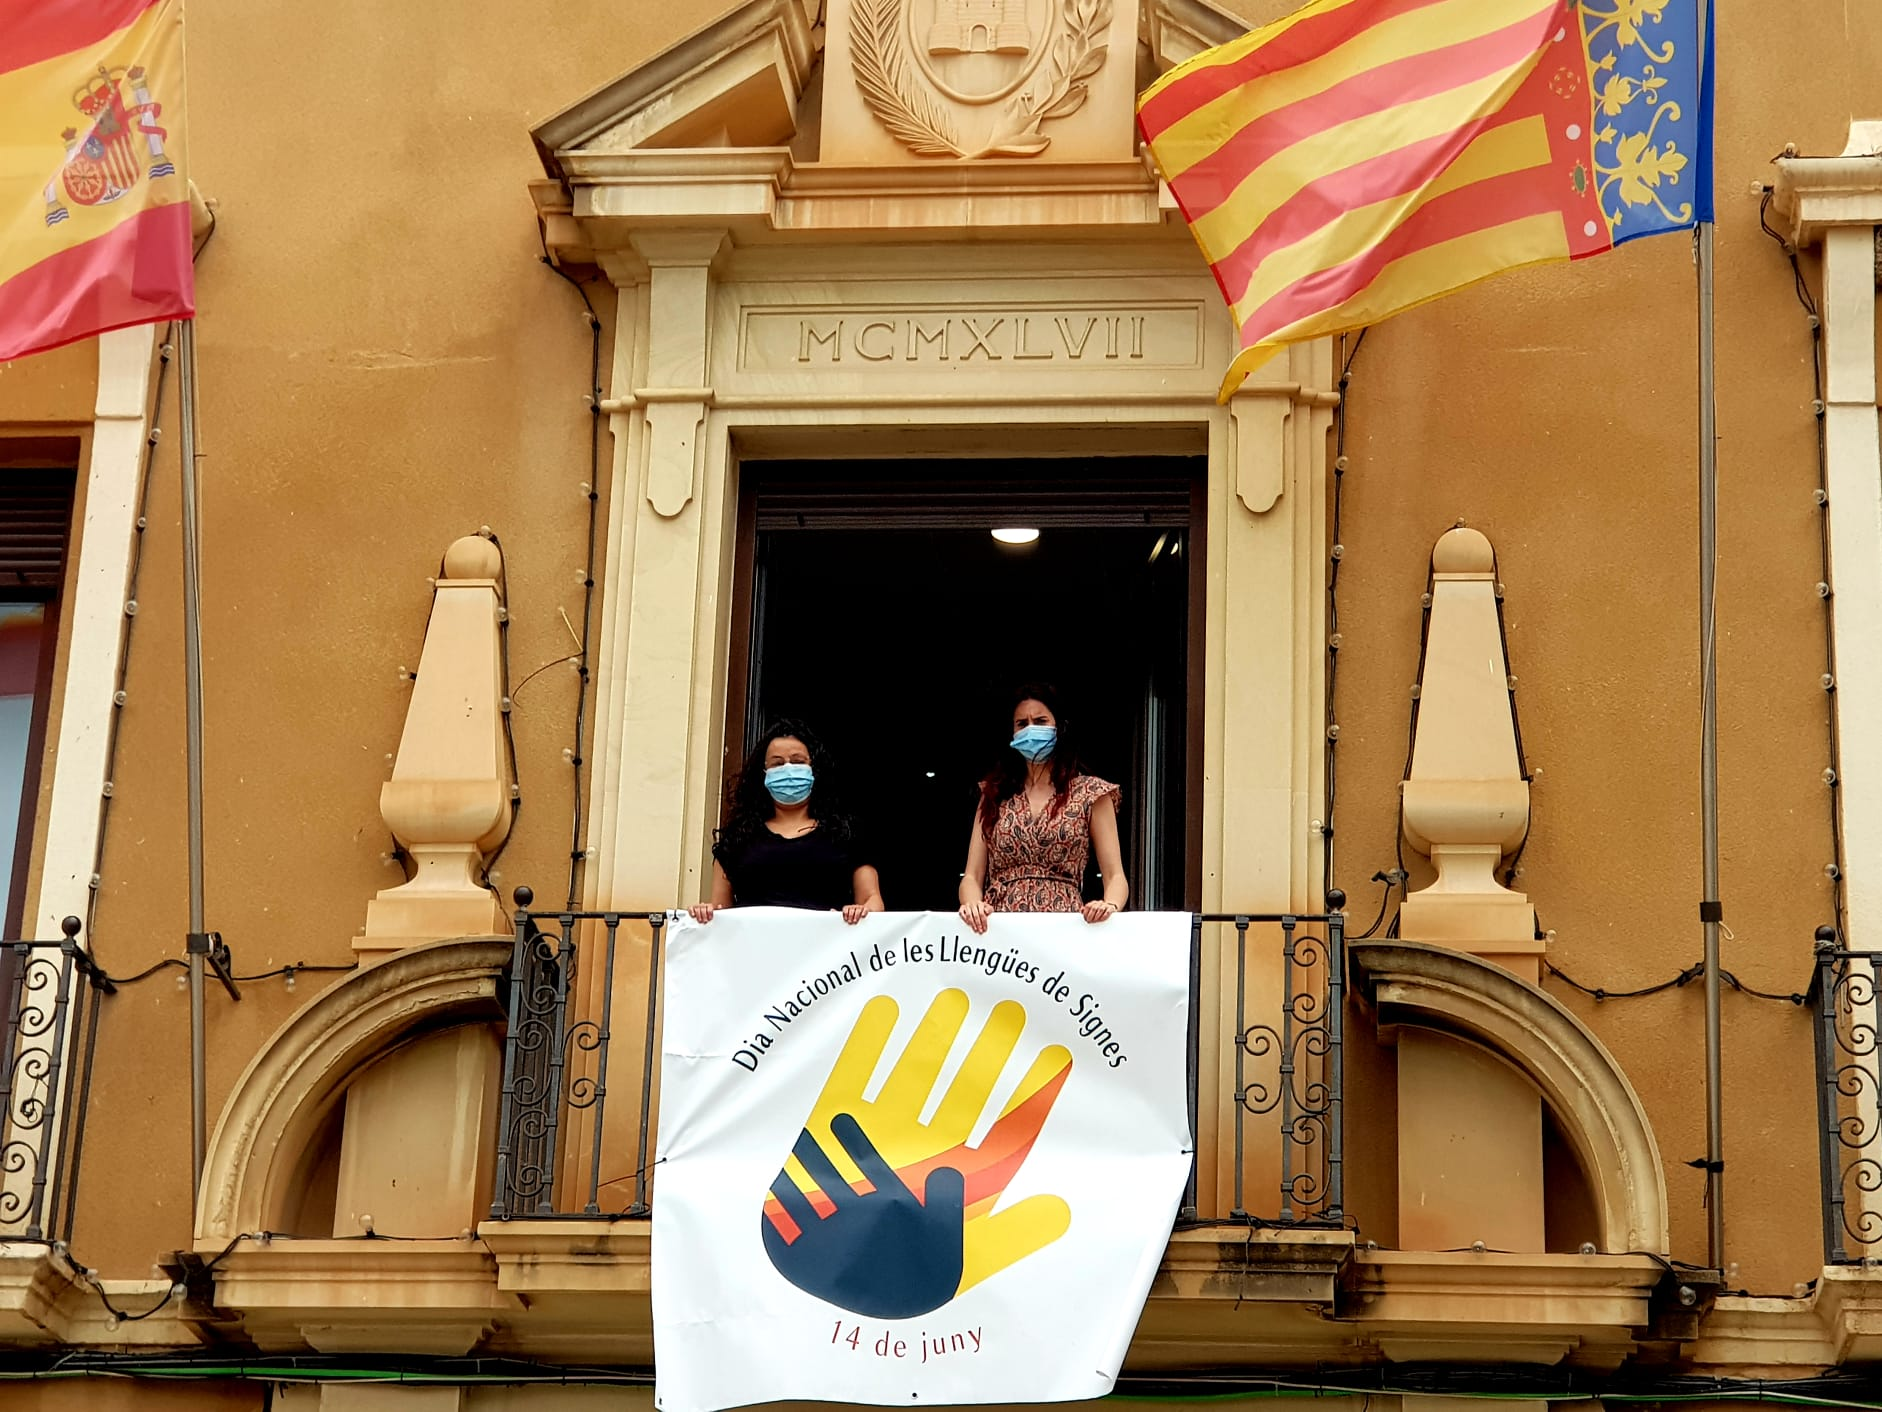 El Ayuntamiento de Elda celebra el Día Nacional de las Lenguas de Signos Españolas con la lectura de un manifiesto